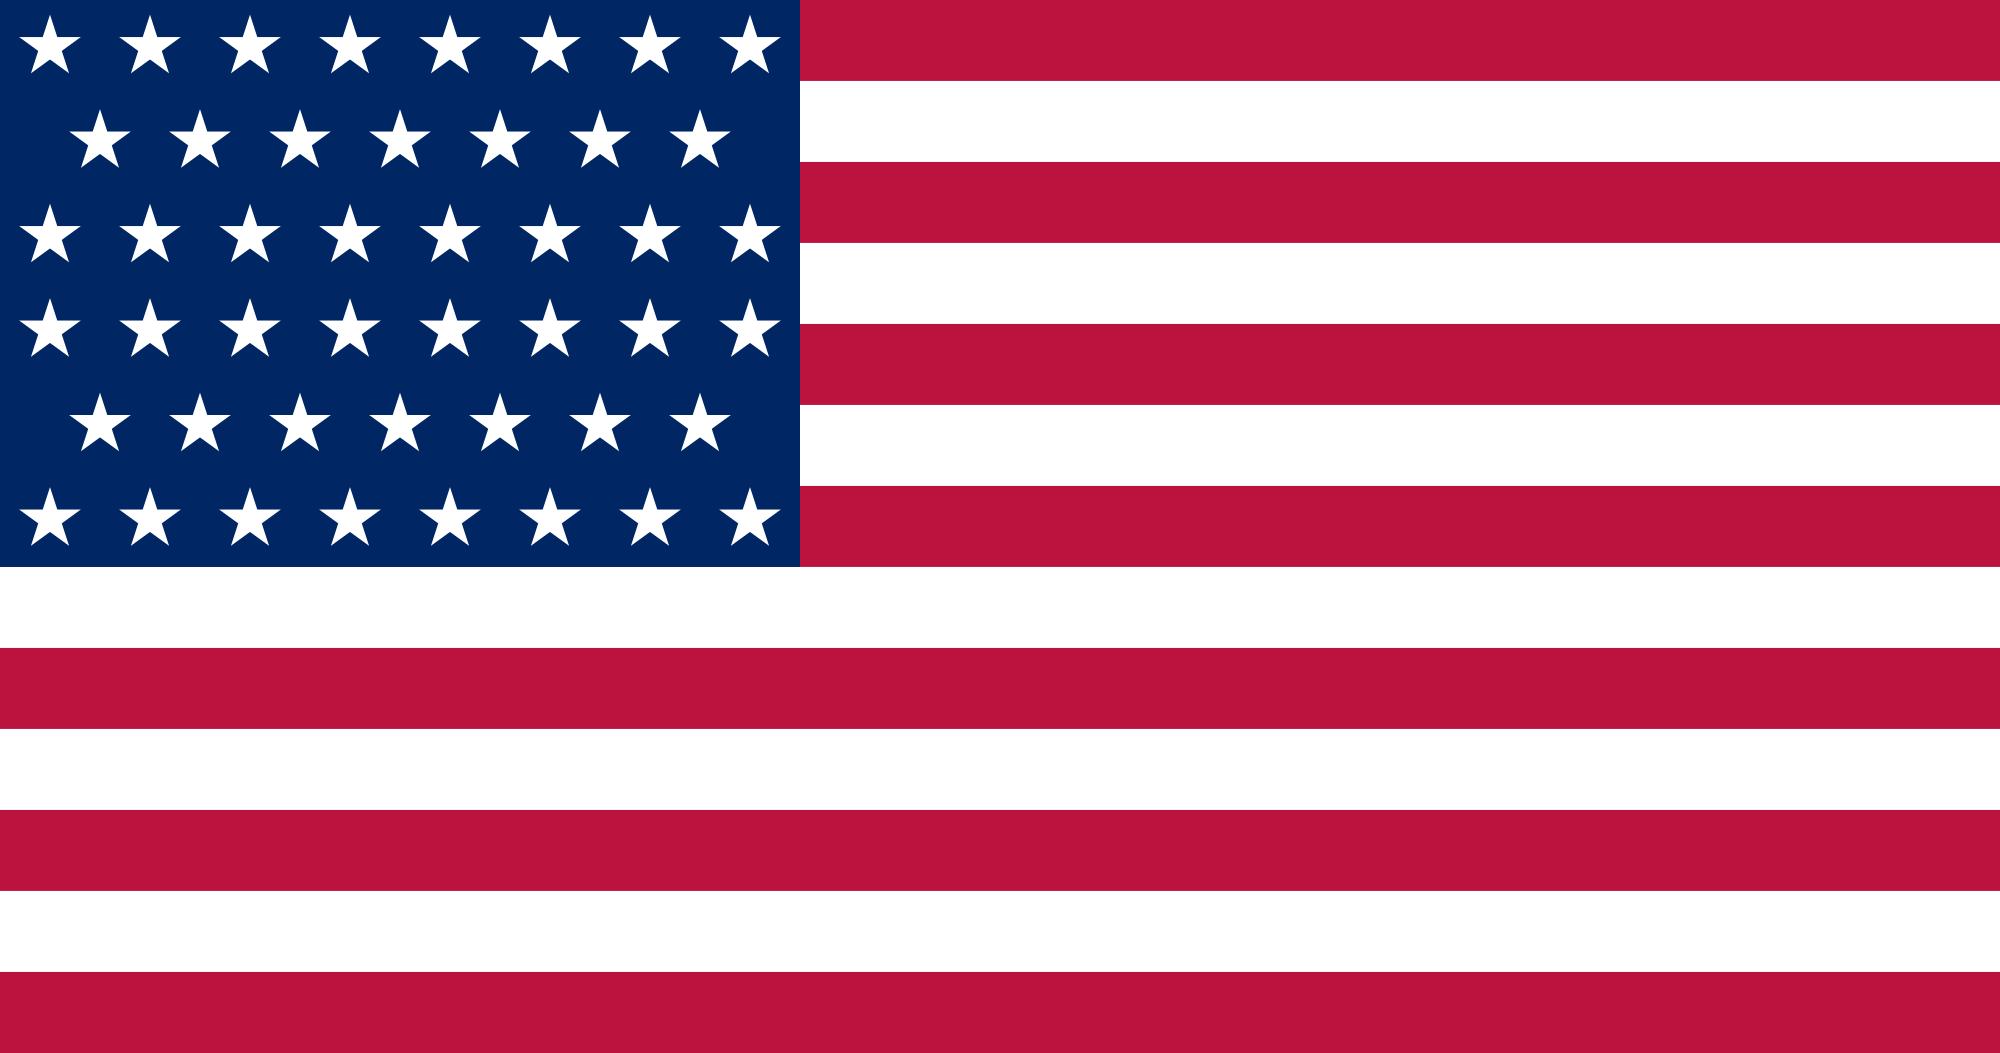 Elecciones presidenciales de Estados Unidos de 1908 (Crack de 1907)